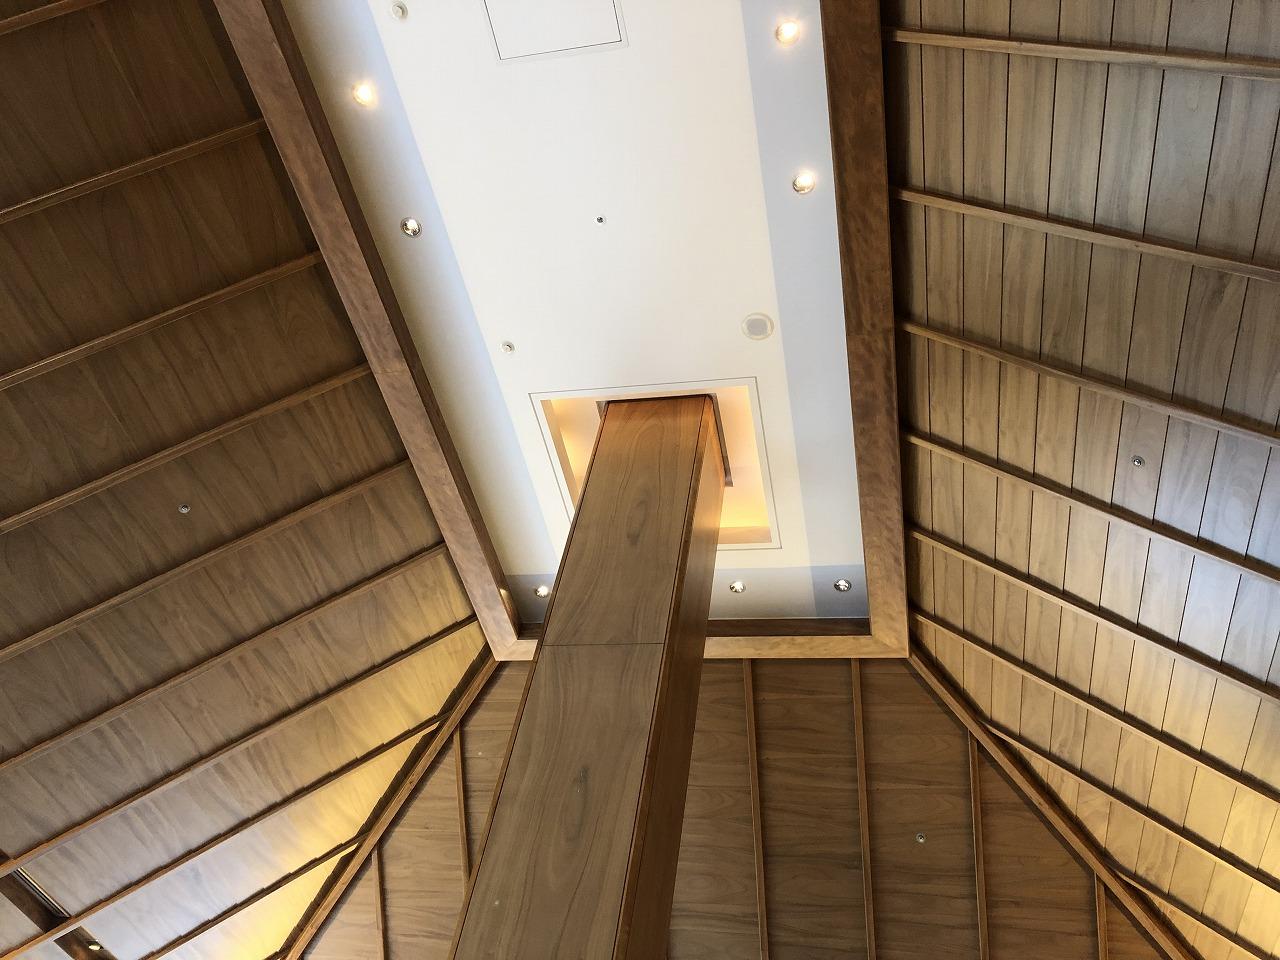 リッツカールトン沖縄の木の天井